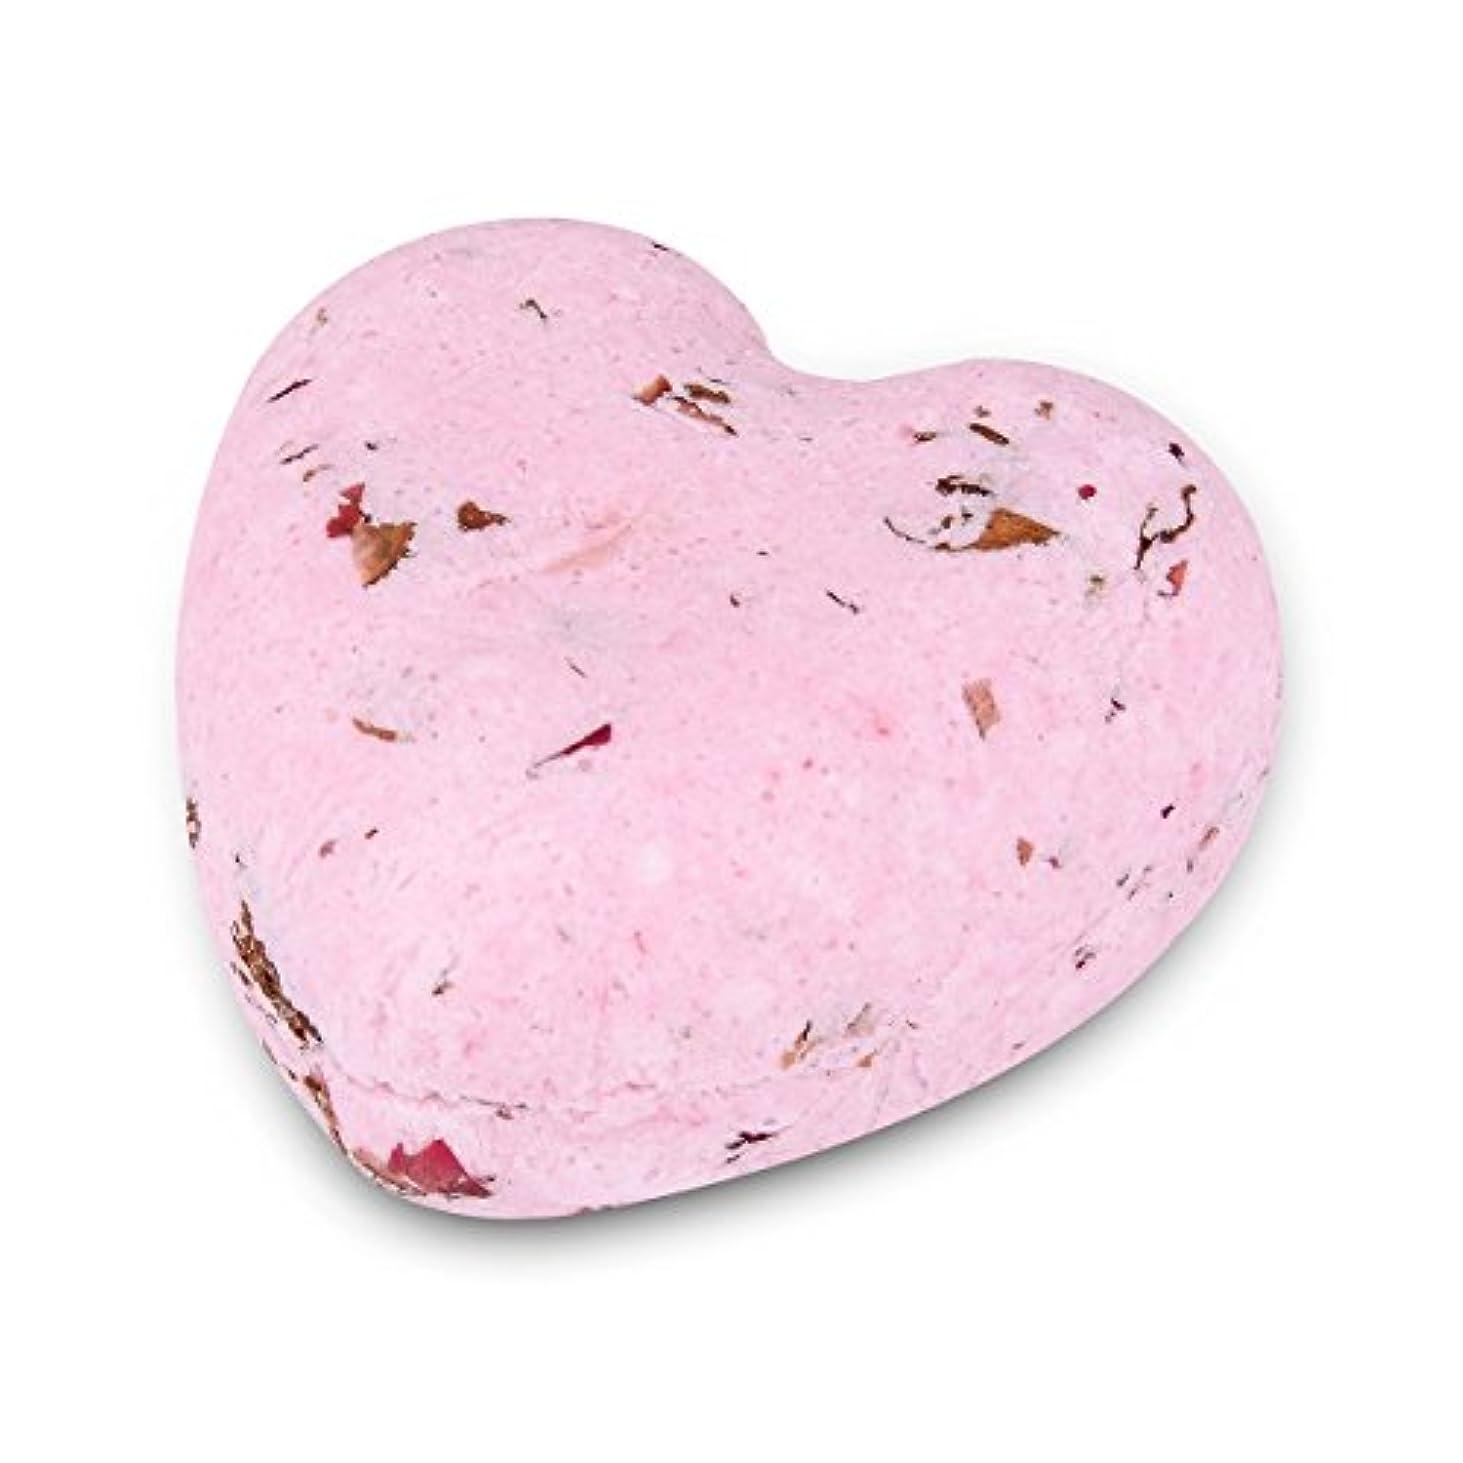 散文酸解釈するHOUSWEETY ローズの香り ハート型 バスボム 炭酸入浴剤 入浴料 海塩 アロマオイル バスボール 1個入り